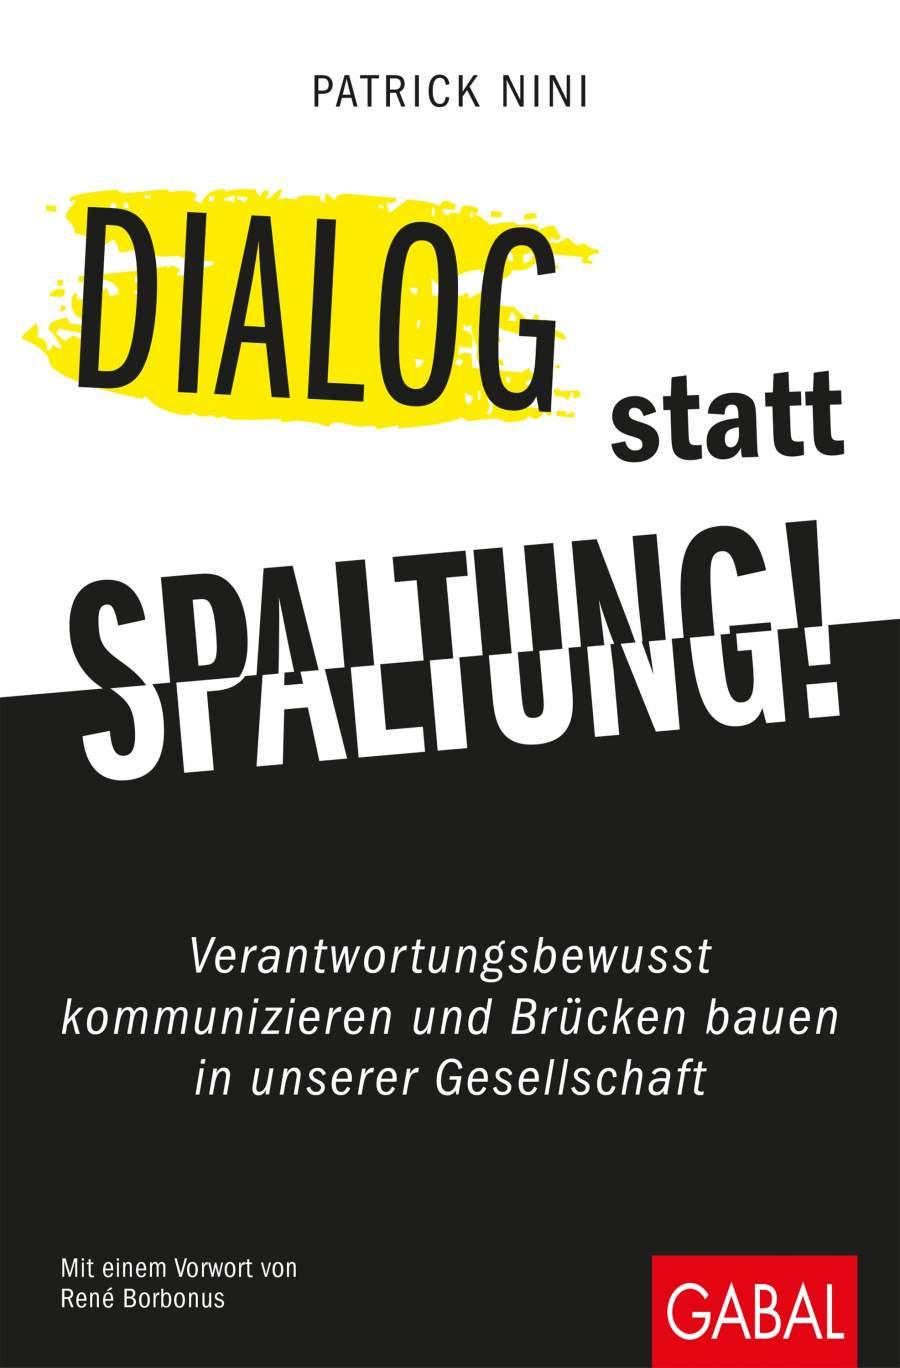 """Buchcover von """"Dialog statt Spaltung! Verantwortungsbewusst kommunizieren und Brücken bauen in unserer Gesellschaft"""" von Patrick Nini"""